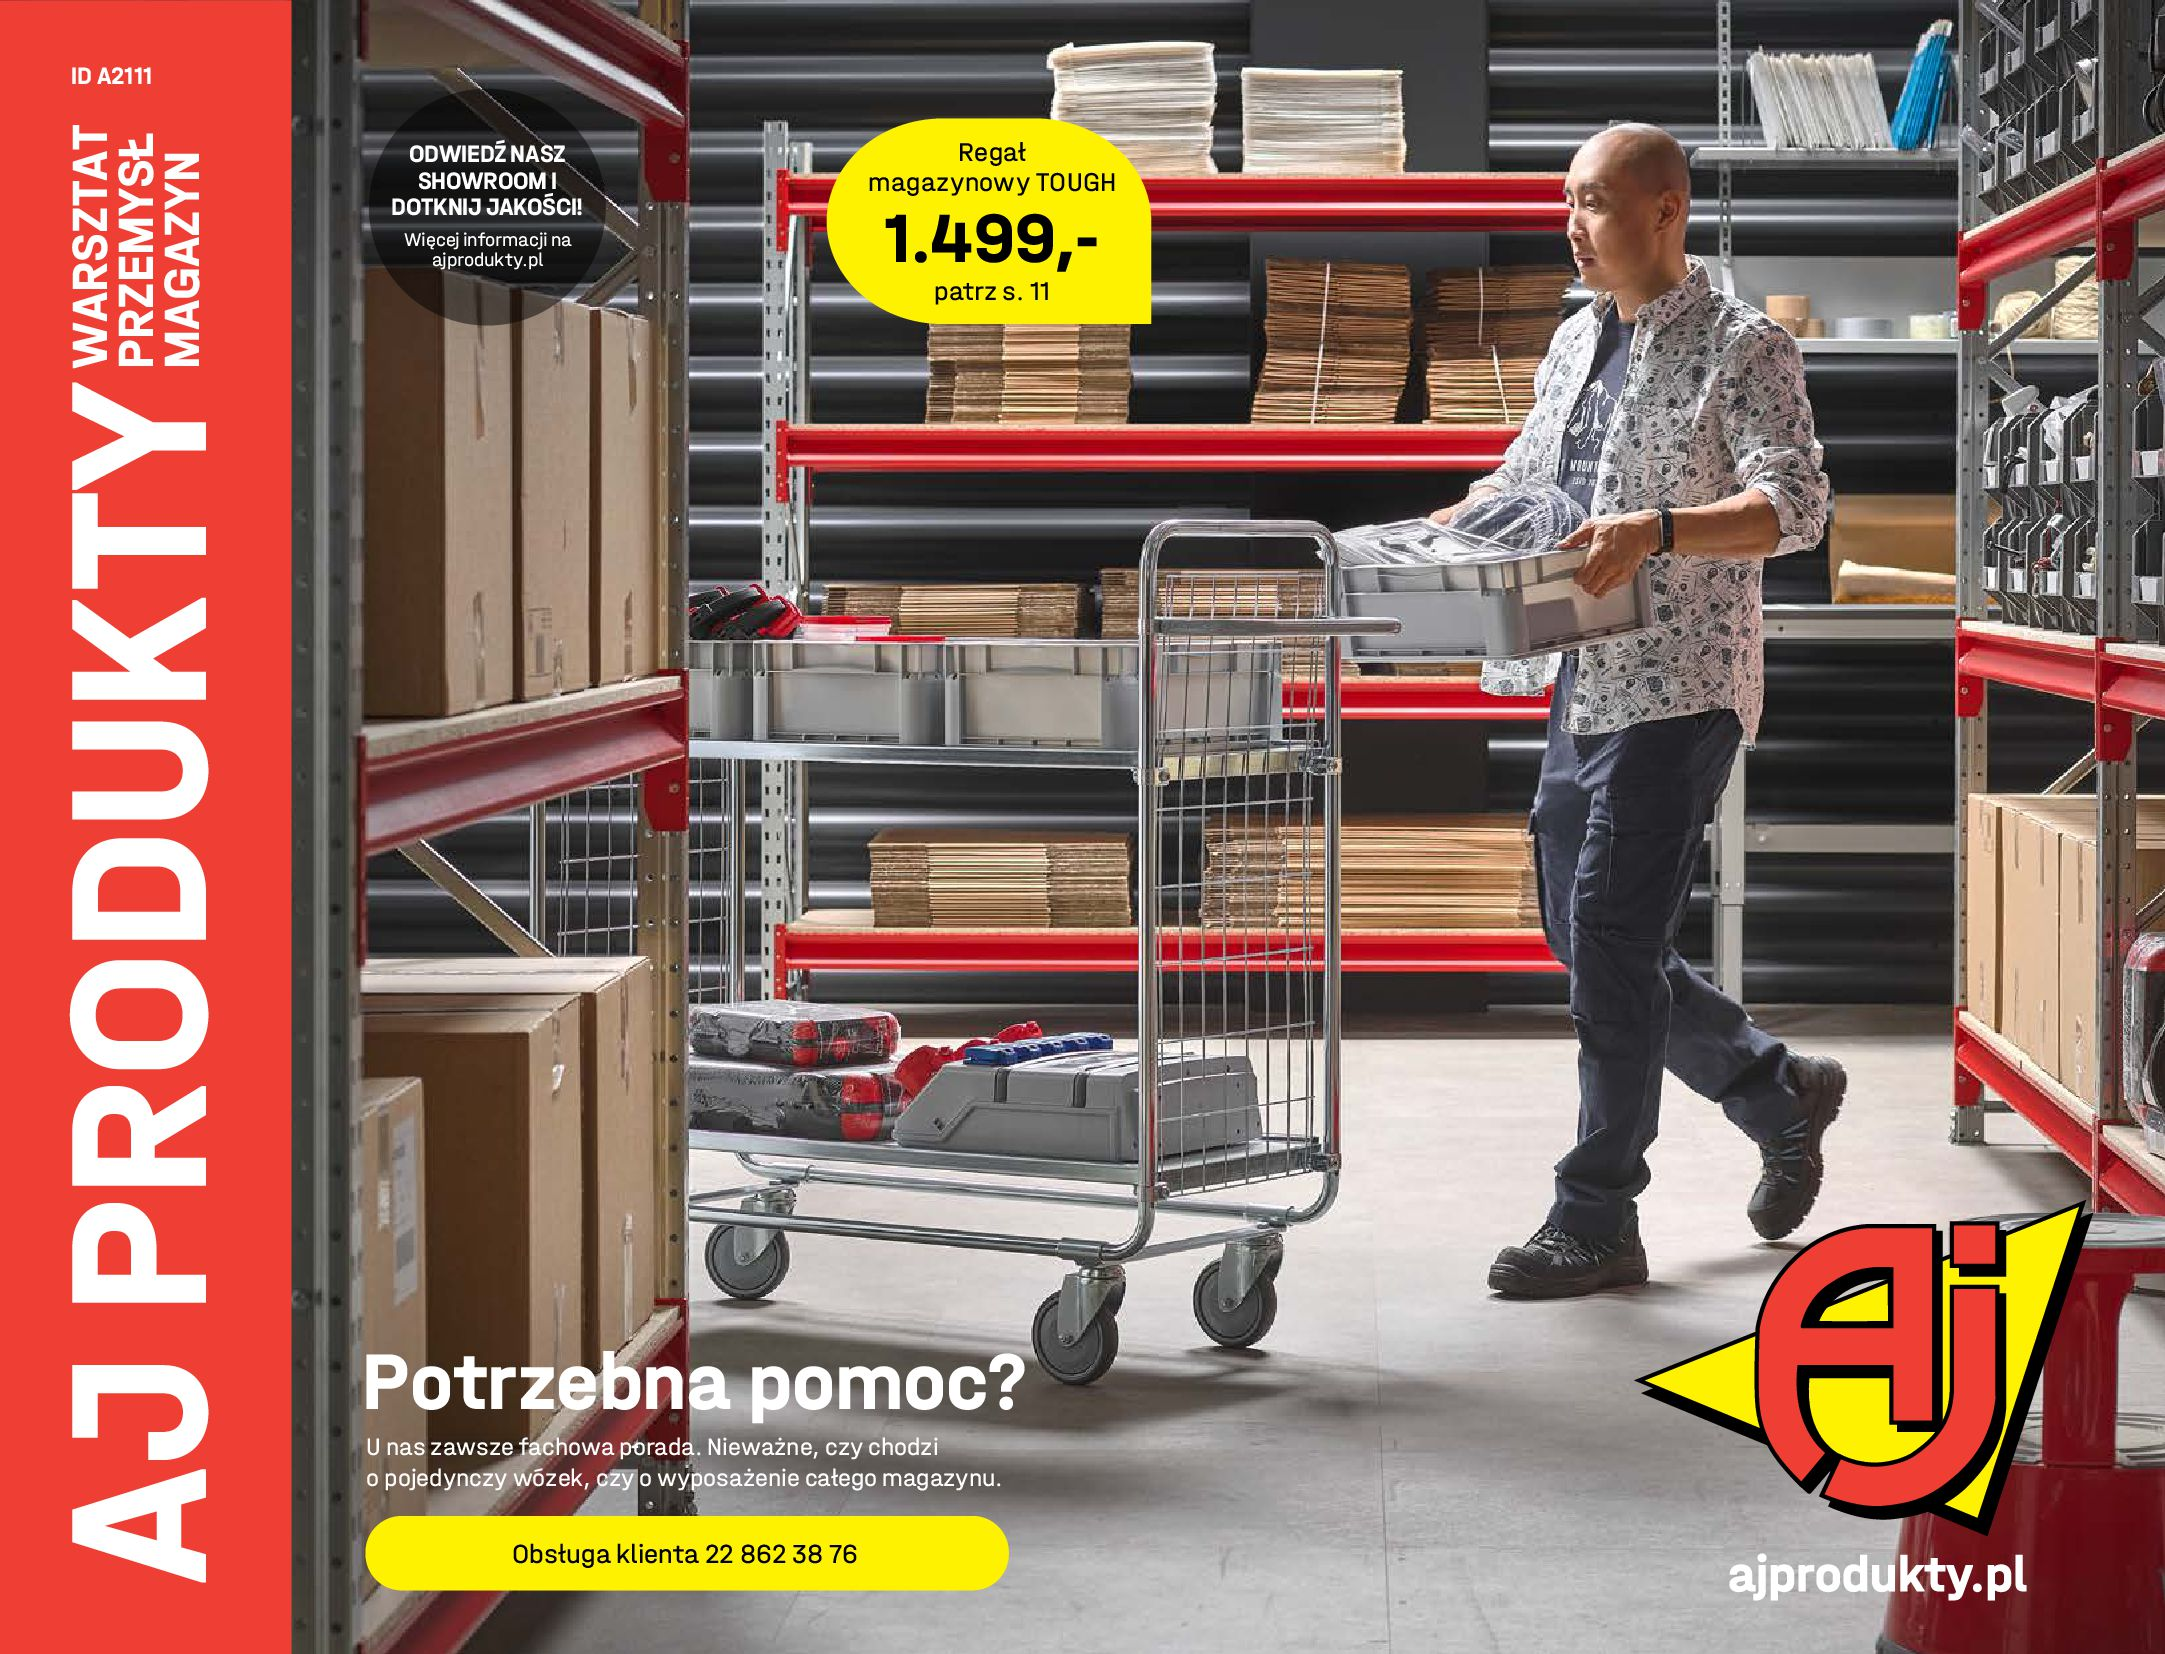 Gazetka AJ Produkty: Gazetka AJ Produkty - katalog przemysł i warsztat 2021-05-07 page-1